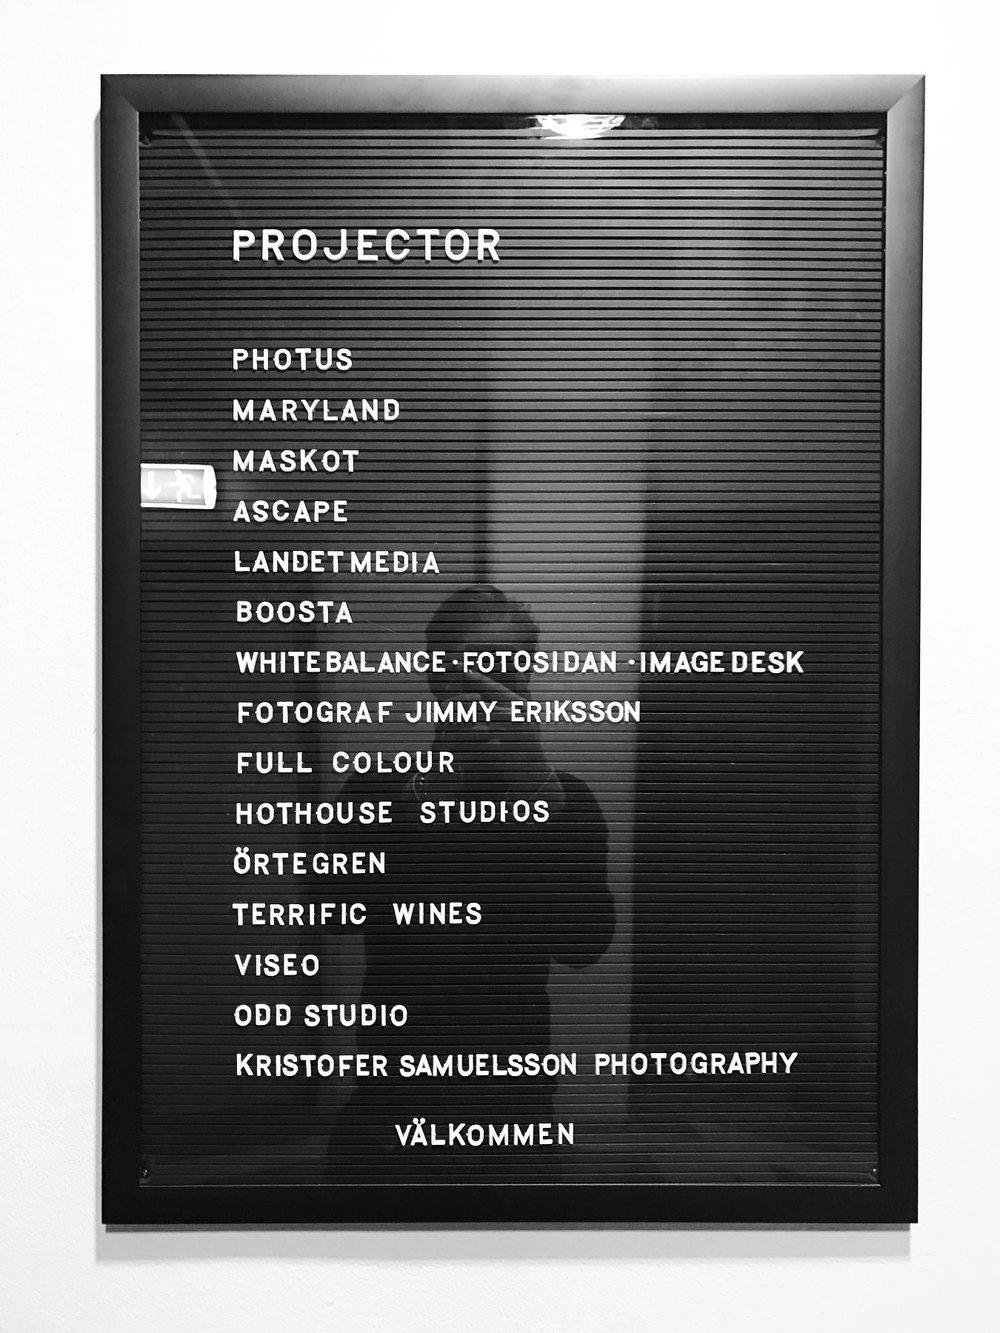 BTS 2016-11-15 12.56.35_Kristofer Samuelsson Photography.jpg